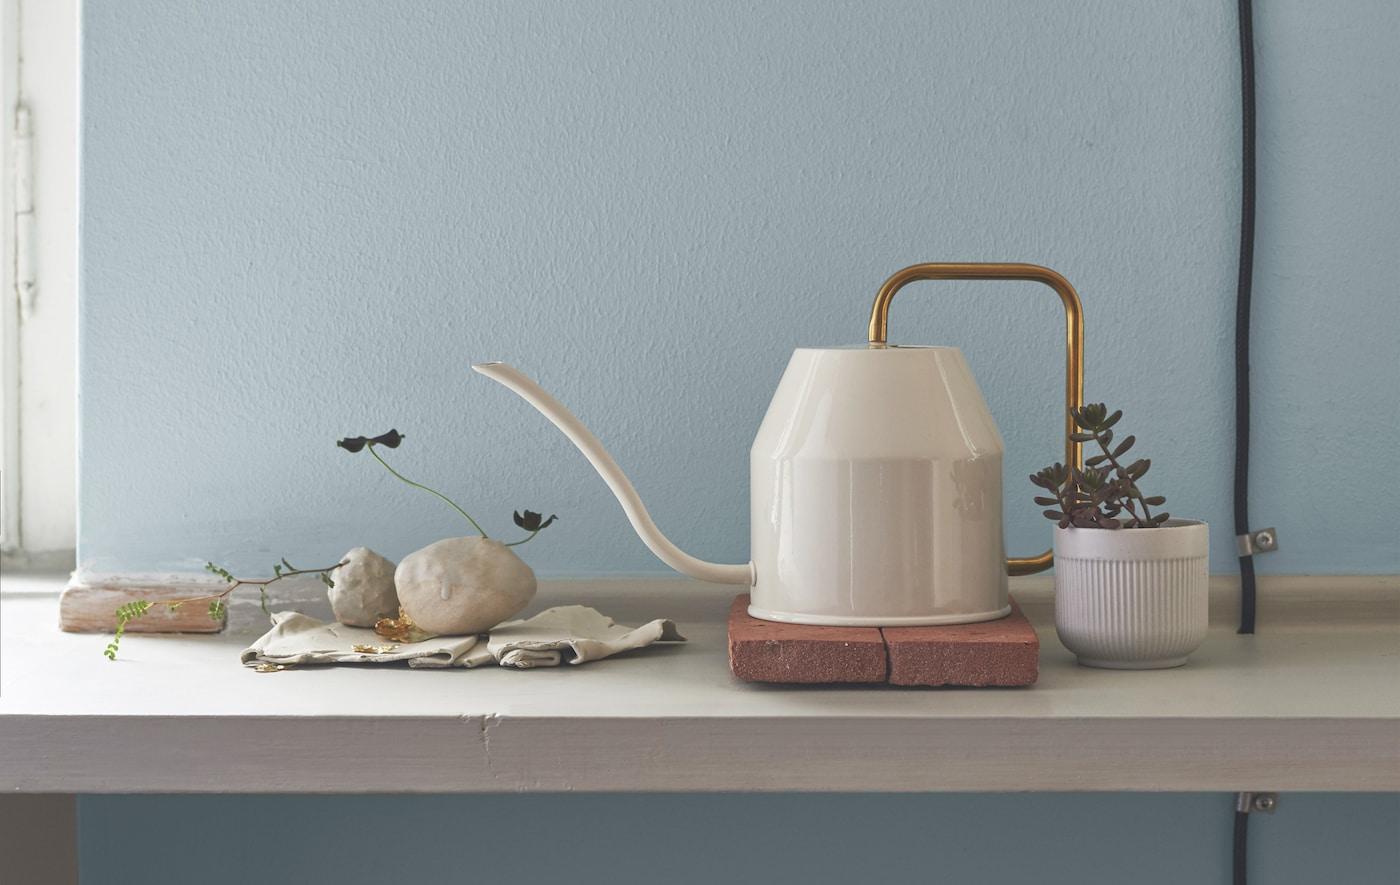 Annaffiatoio bianco con manico color oro, su una mensola con un vaso e alcune pietre - IKEA